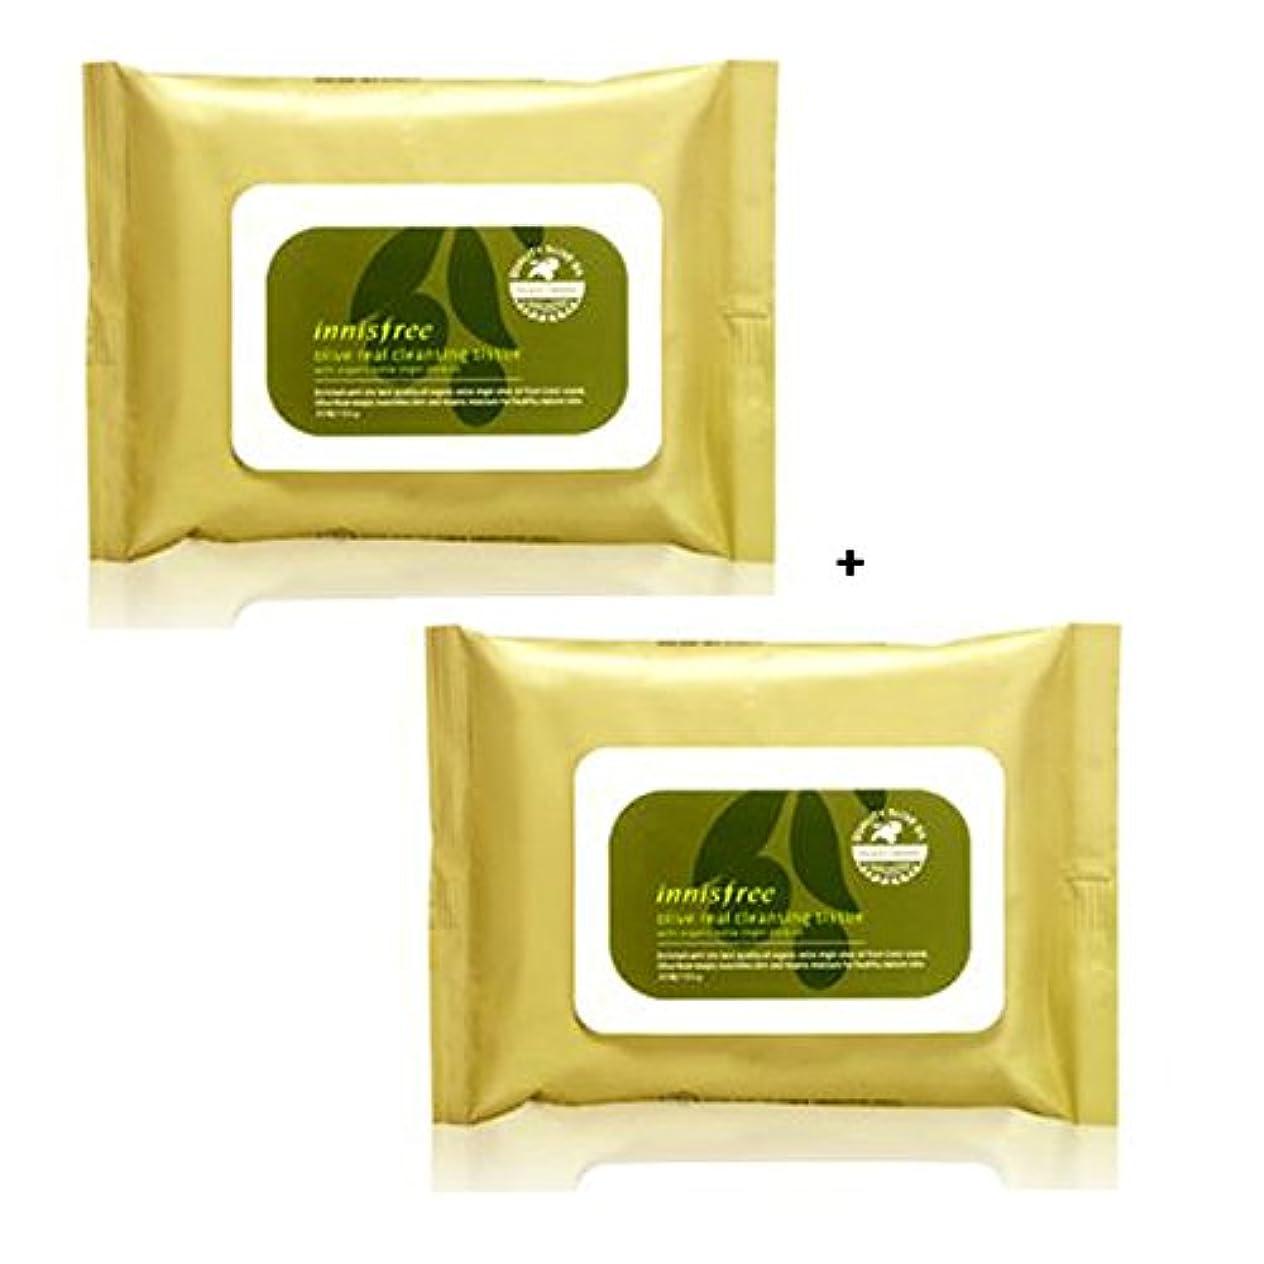 サイバースペース多用途ねじれイニスフリー Innisfree オリーブリアル クレンジングティッシュ (30枚x2) Innisfree Olive Real Cleansing Tissue (30sheetsx2Pcs) [海外直送品]